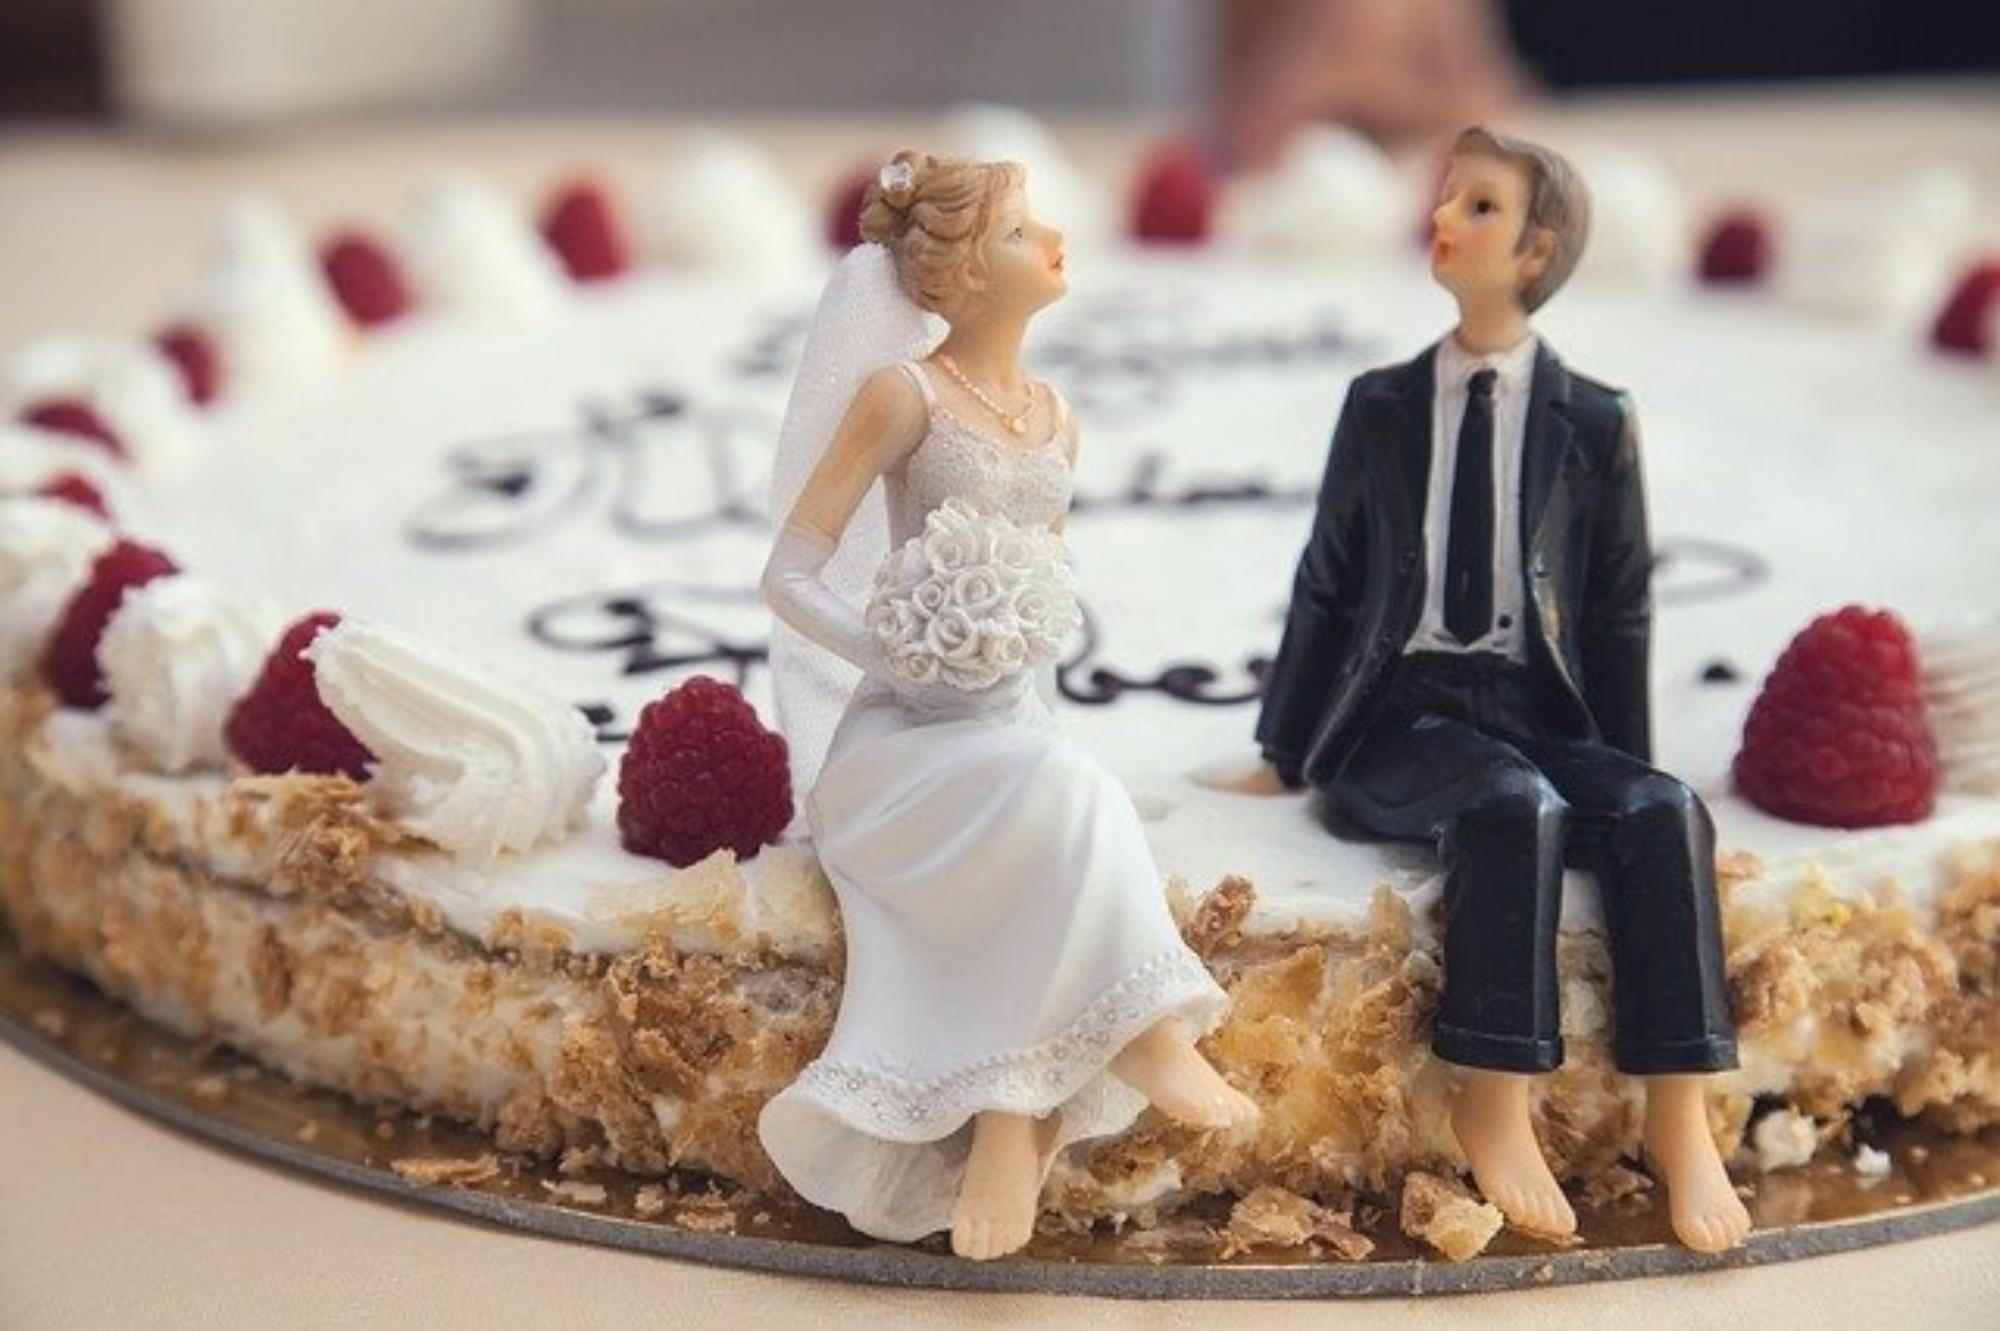 Jaki tort wybrać na ślub